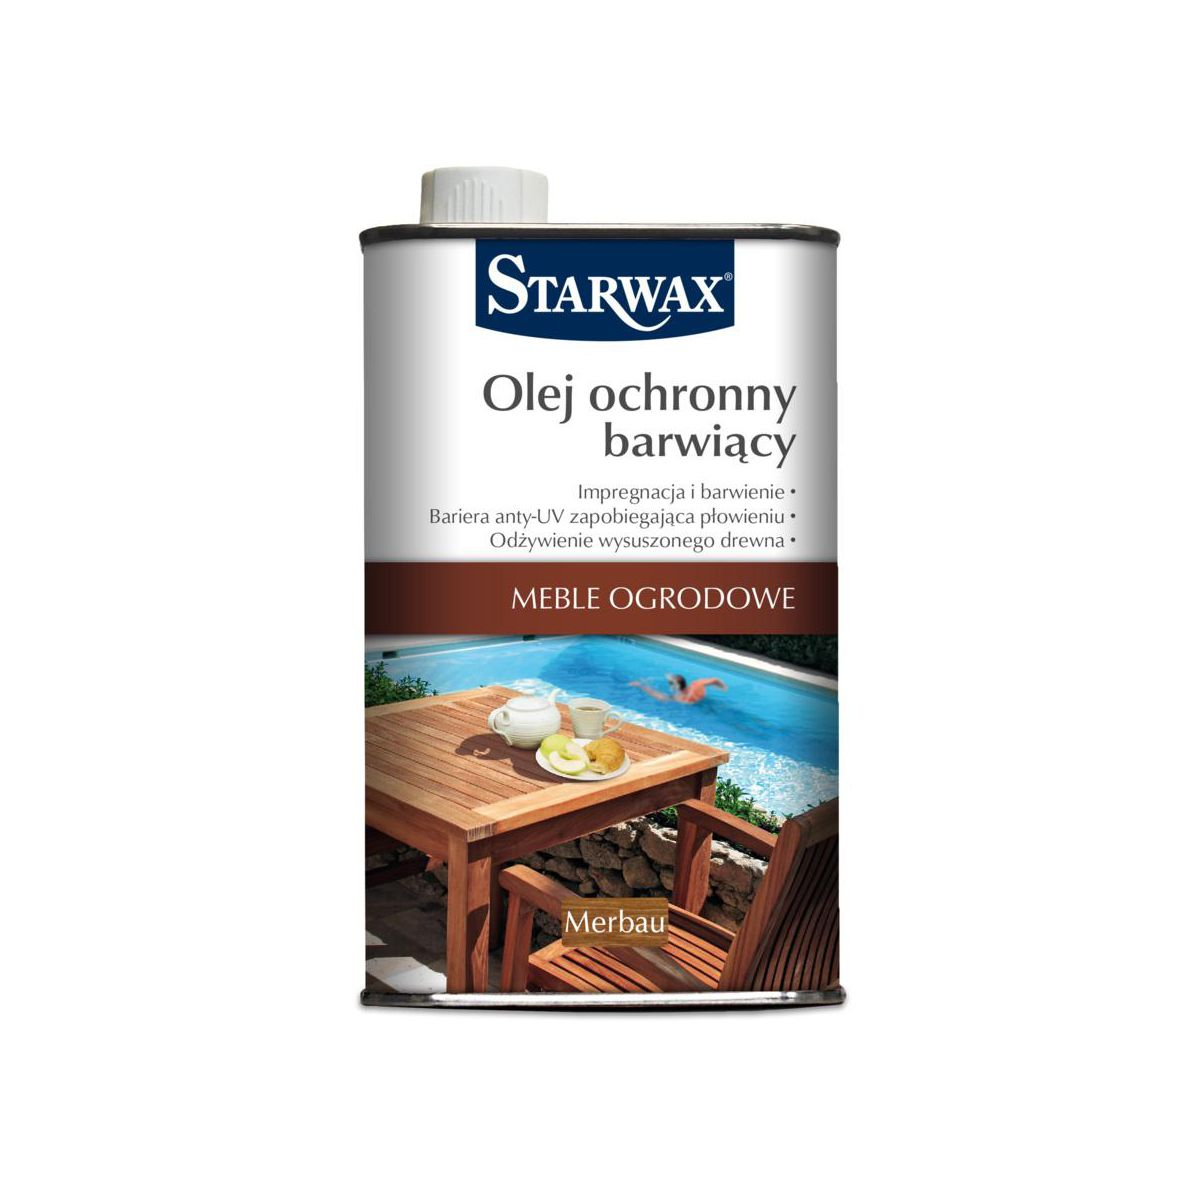 Leroy Merlin Szczecin Meble Ogrodowe : Olej barwiący MEBLE OGRODOWE STARWAX  Oleje do mebli ogrodowych  w